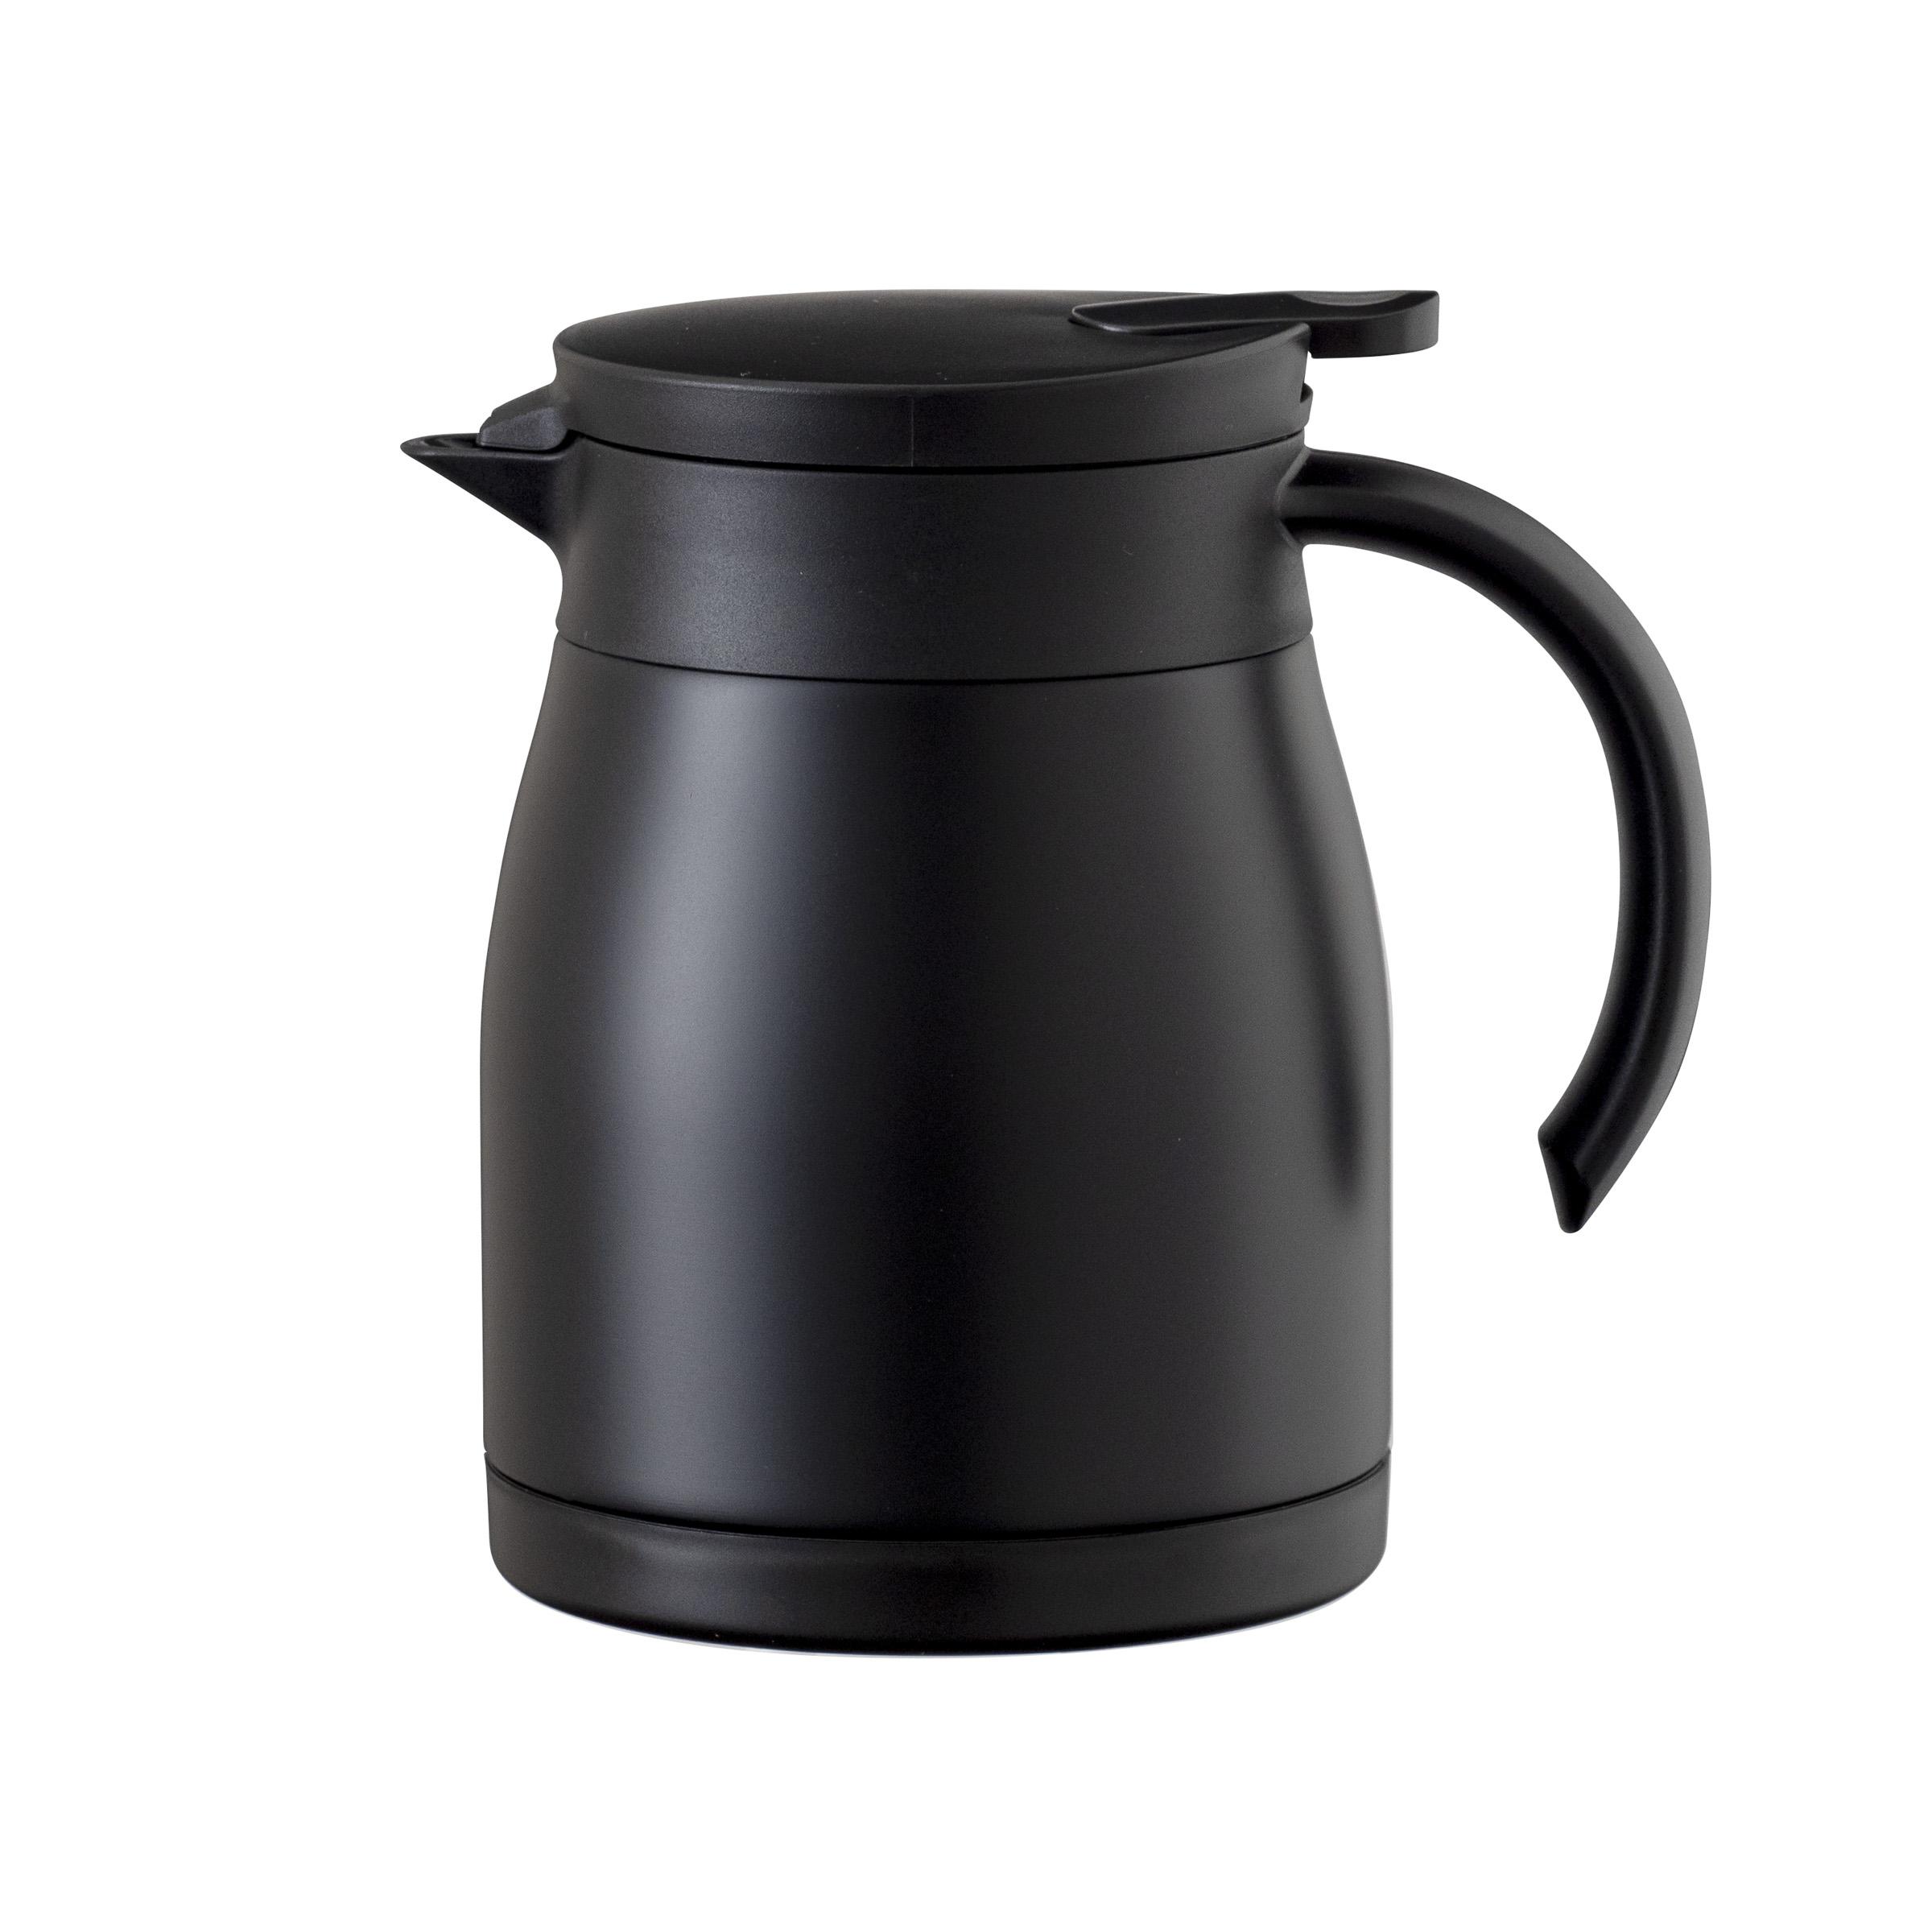 コーヒーサーバー 800ml ブラック image01